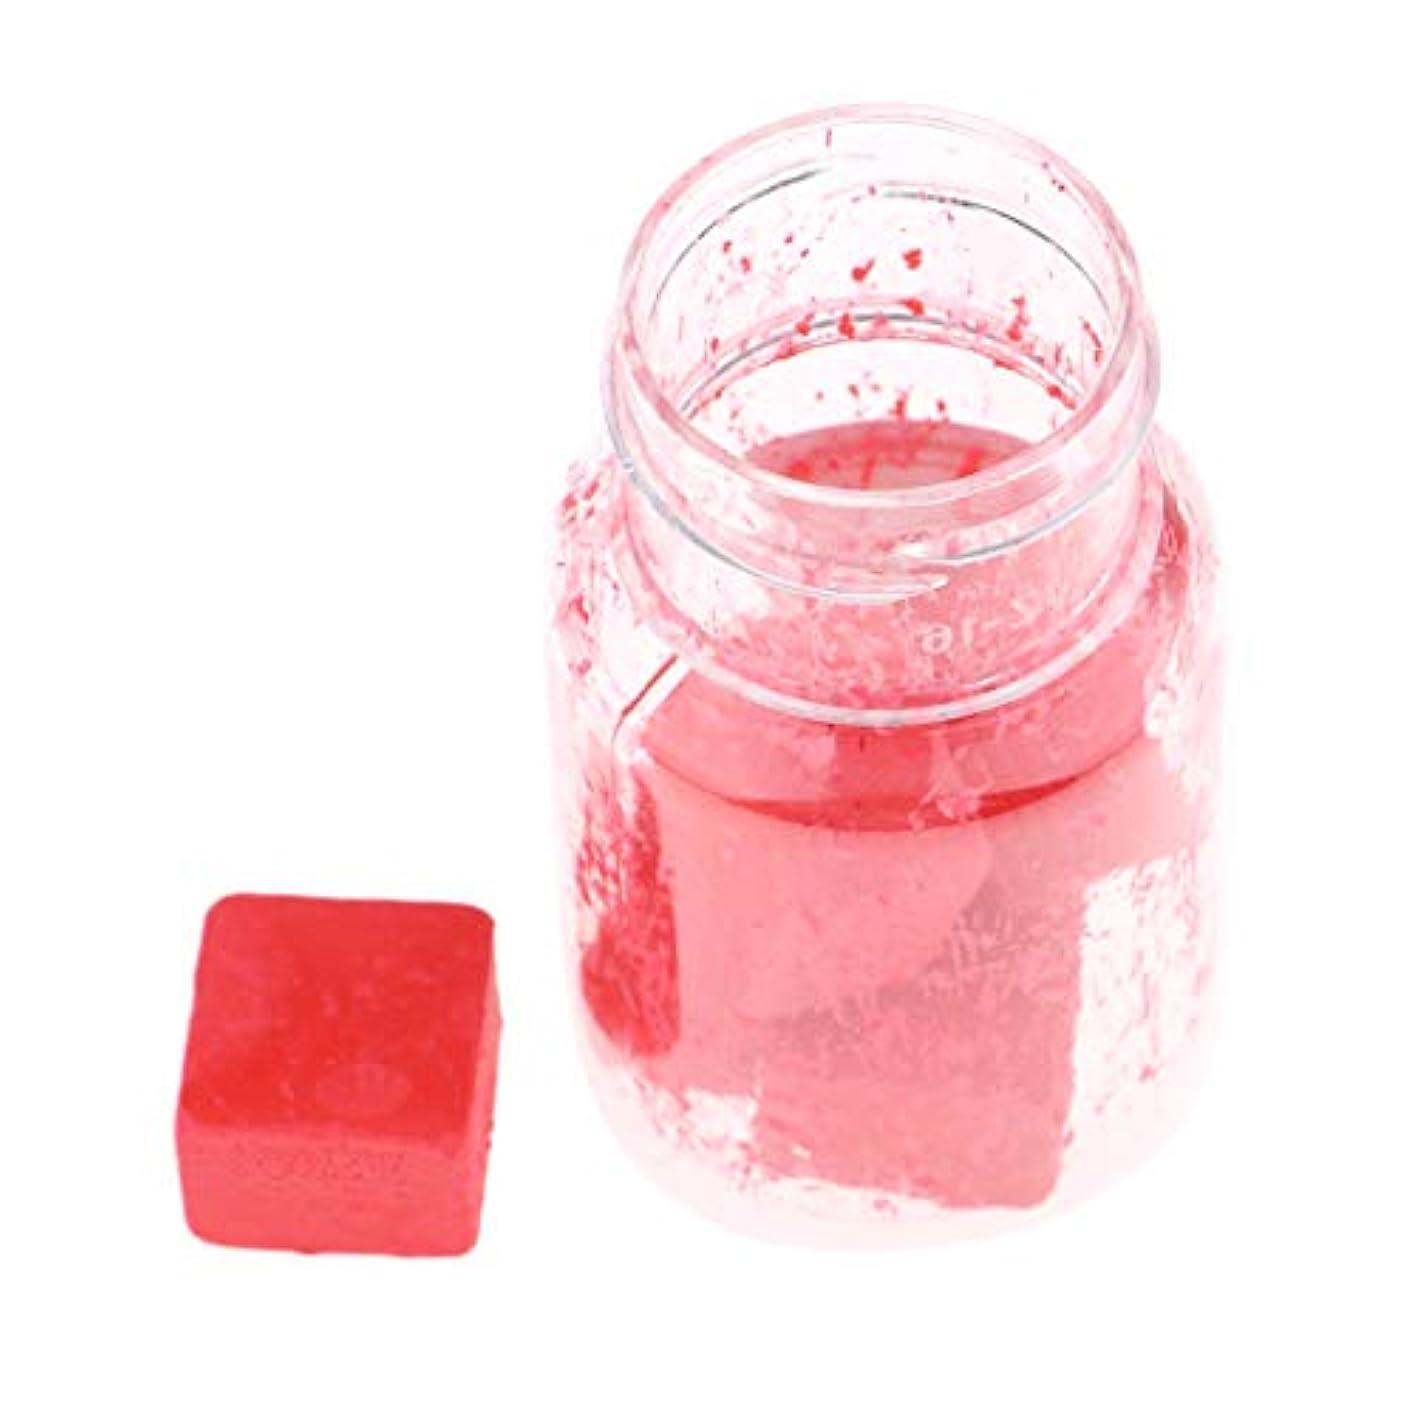 上流の休戦抵抗力がある口紅の原料 リップスティック顔料 DIYリップライナー DIY工芸品 9色選択でき - I